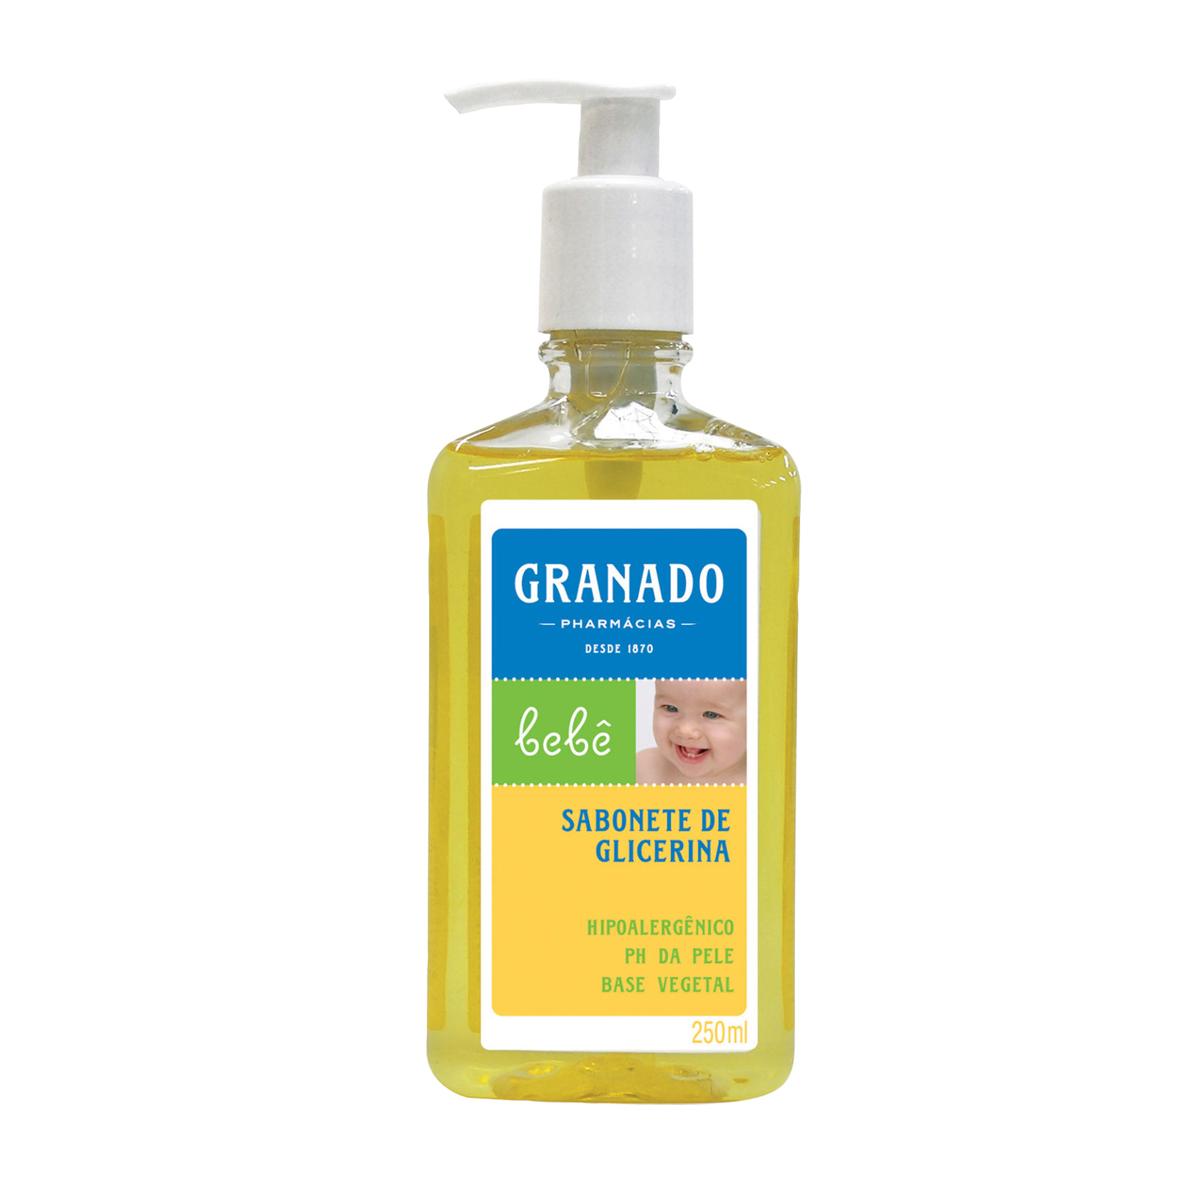 Sabonete Líquido de Glicerina Granado Bebê Tradicional com 250ml 250ml